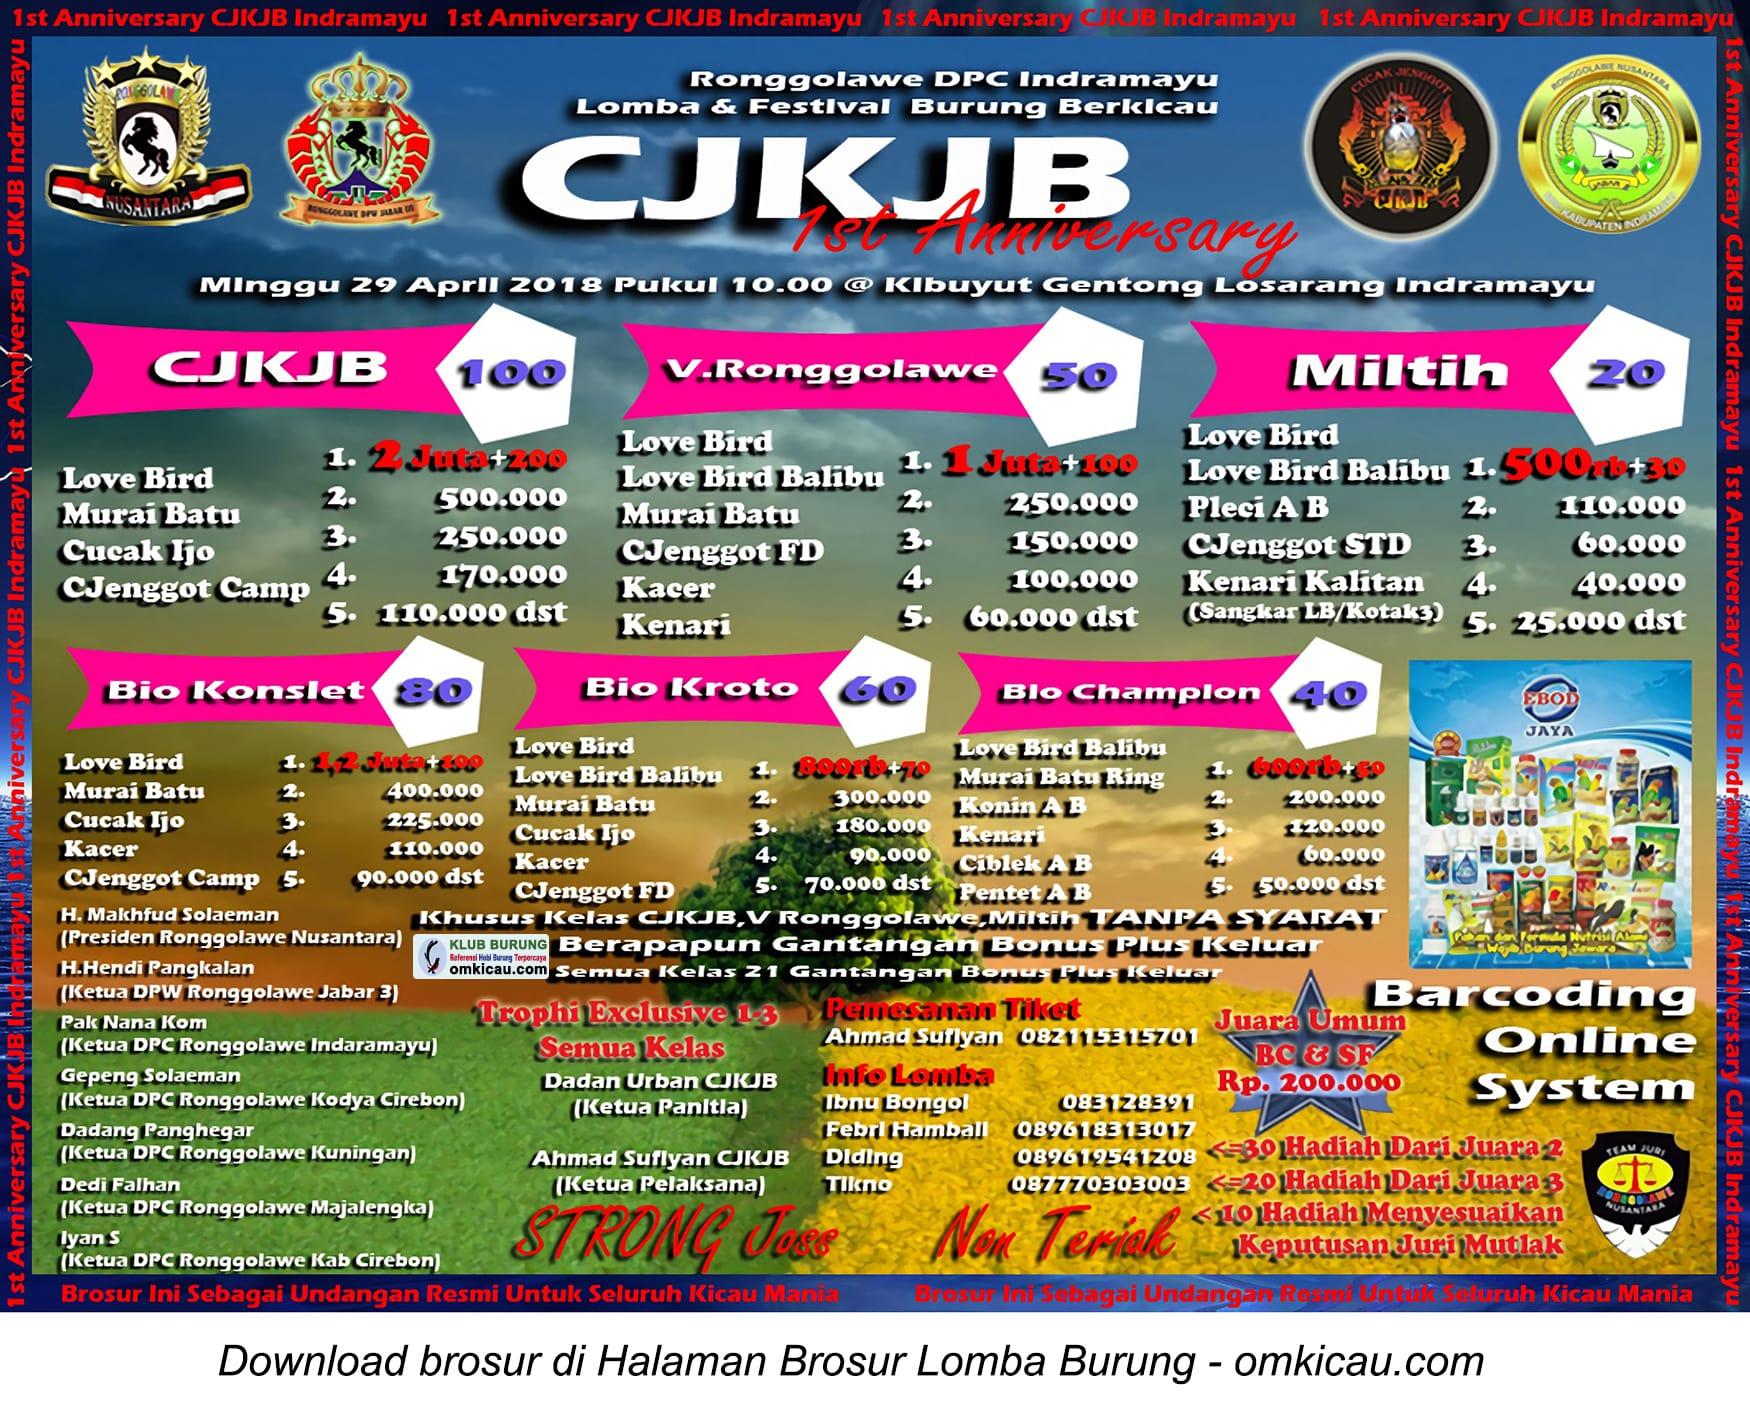 1st Anniversary CJKJB Indramayu